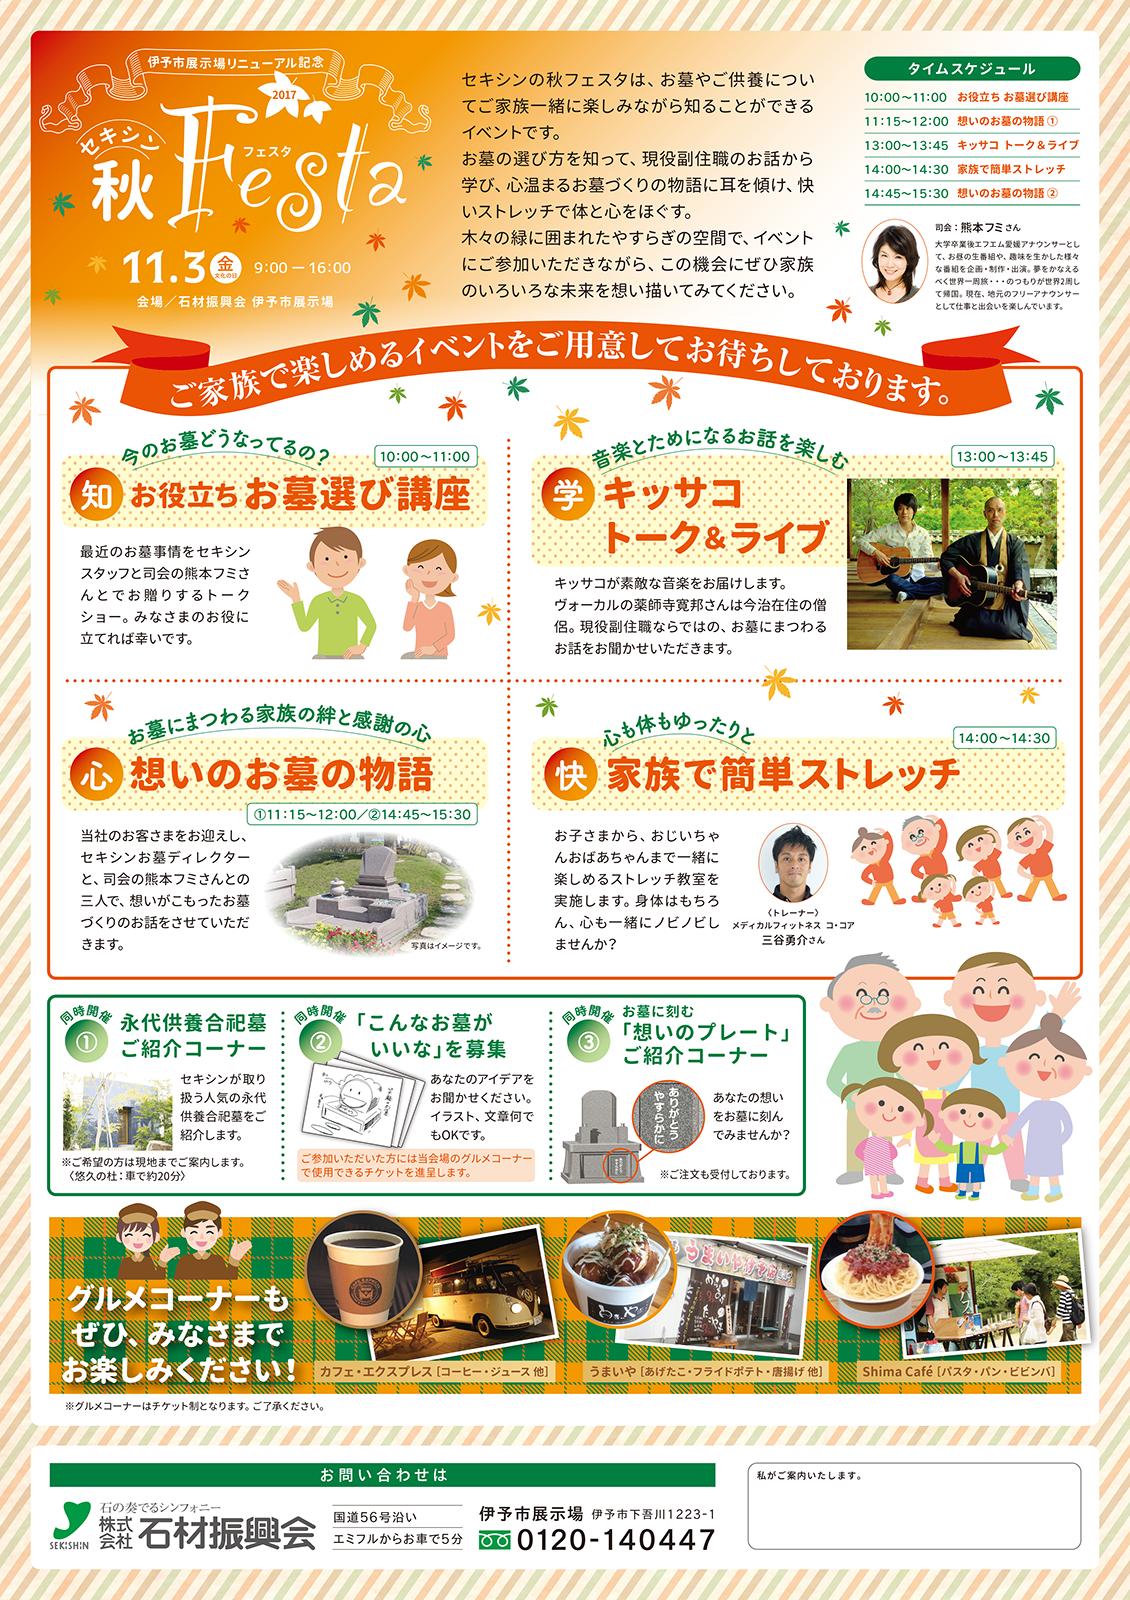 11/3(金・祝)【愛媛】セキシン秋フェスタ・裏